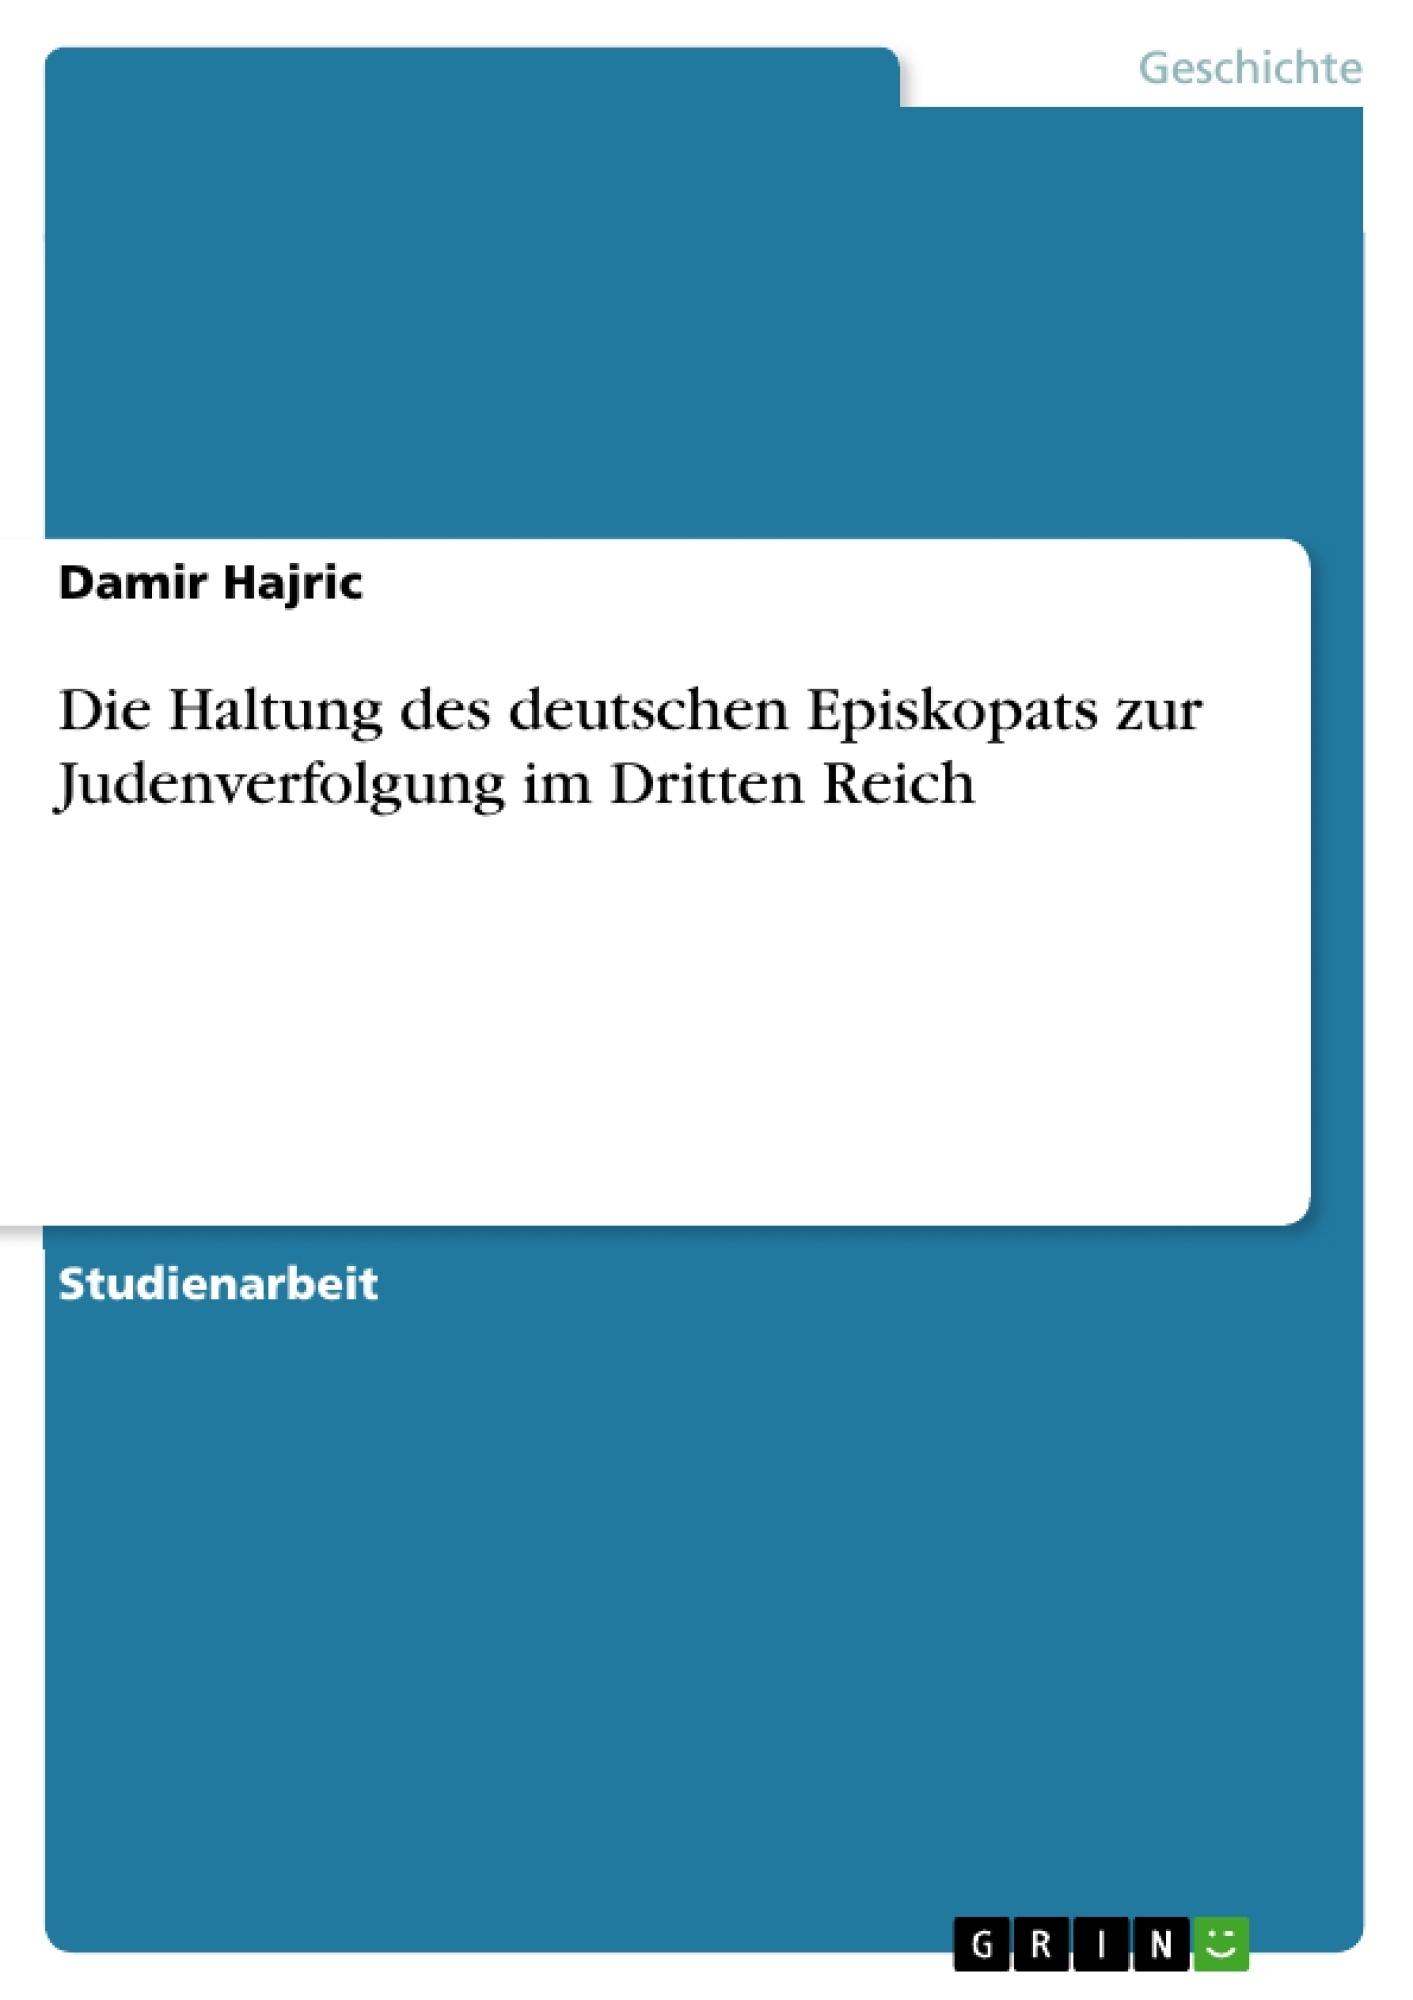 Titel: Die Haltung des deutschen Episkopats zur Judenverfolgung im Dritten Reich